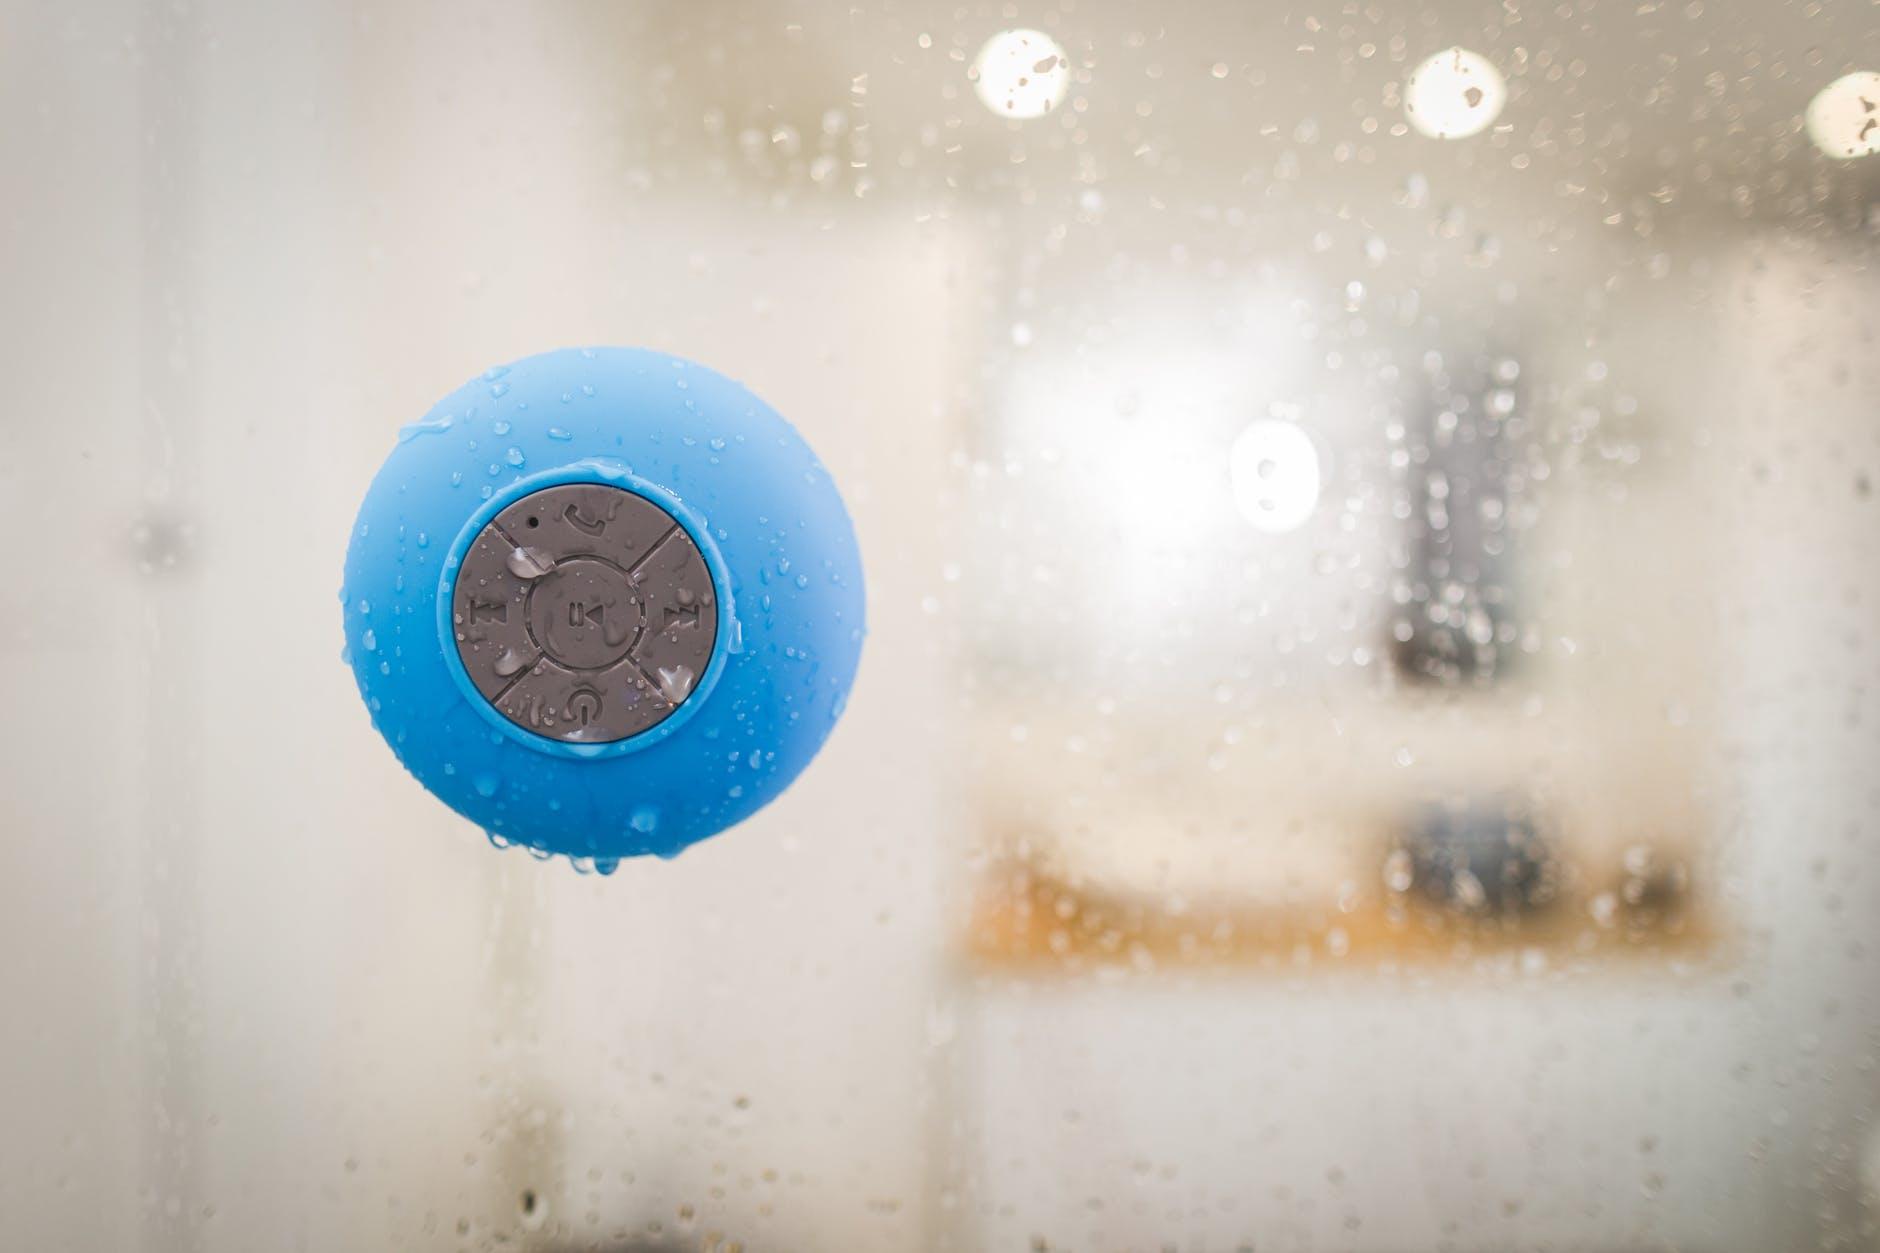 teal wireless speaker on clear glass